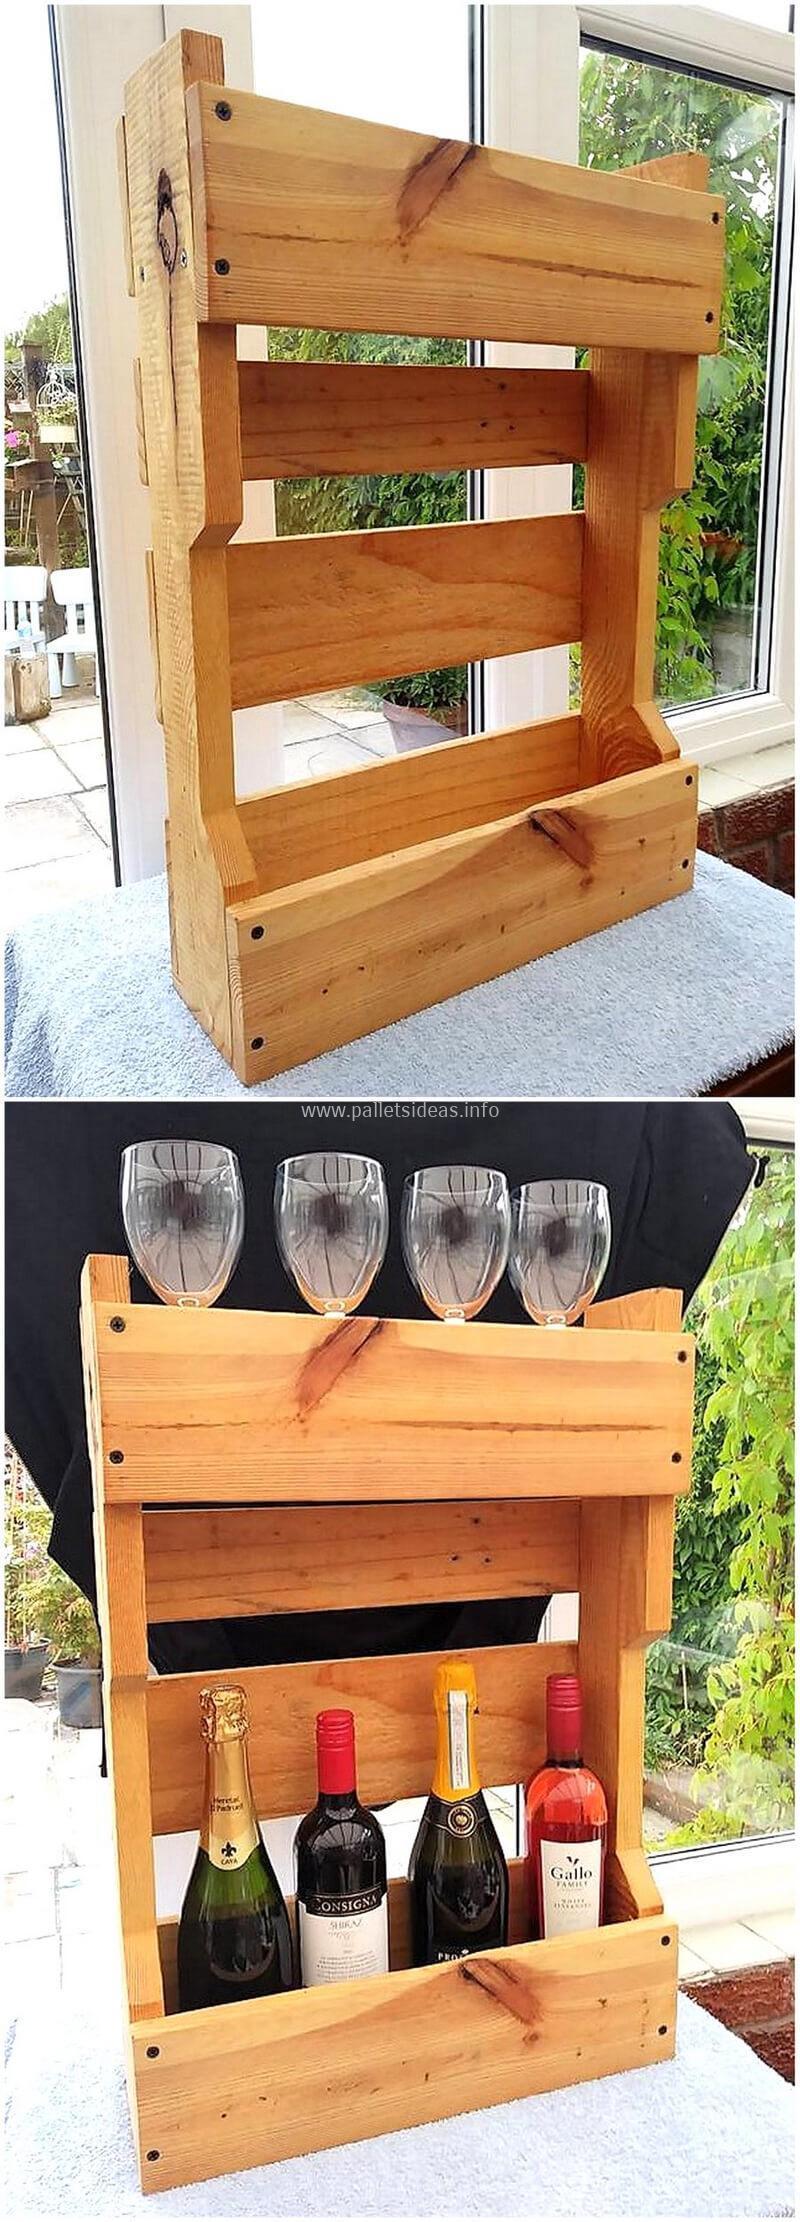 wood pallet bar plan 57